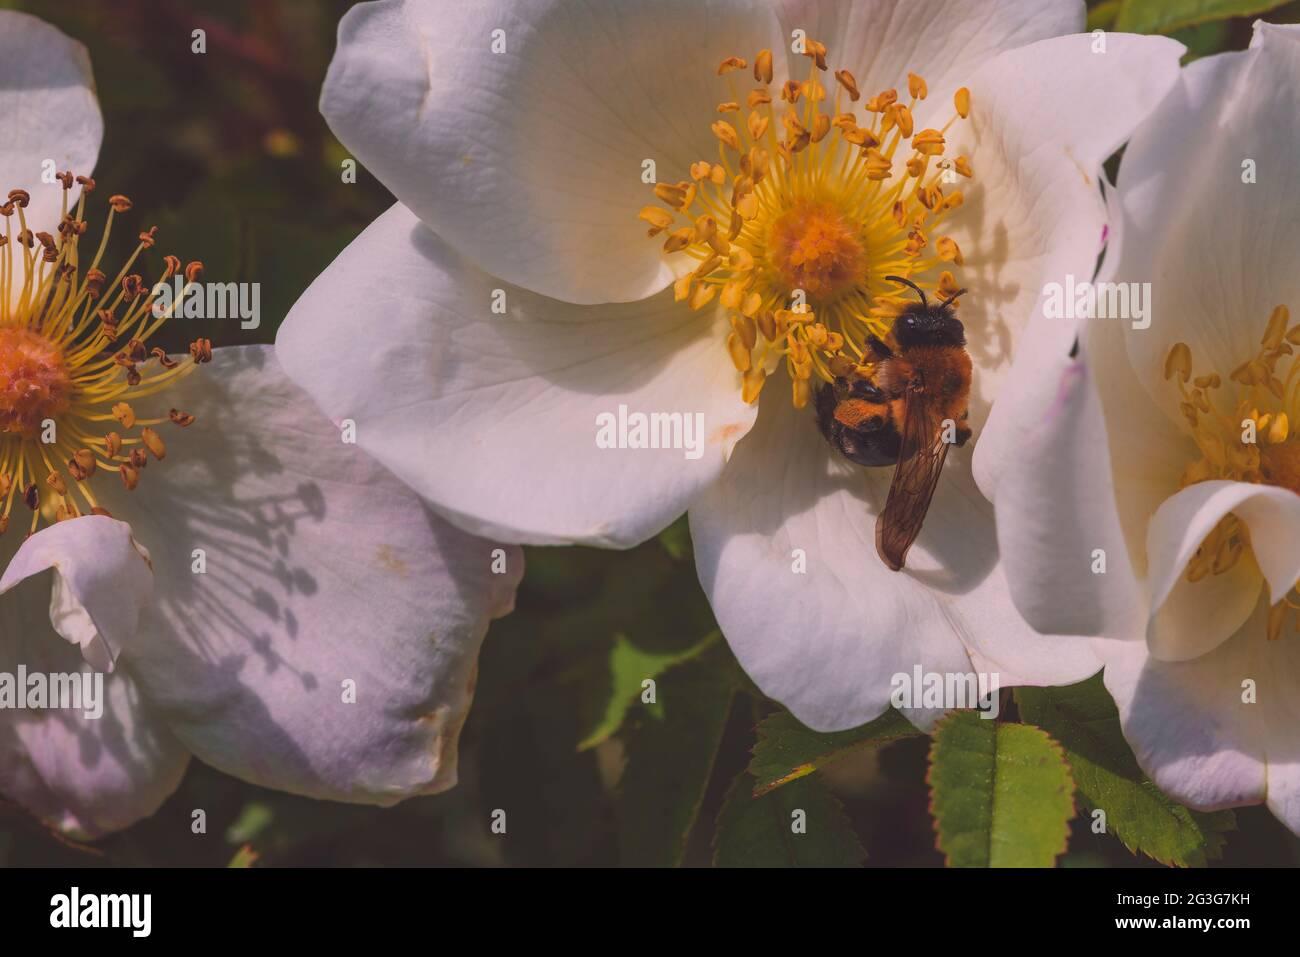 Una abeja y una pequeña rosa blanca, el perro se levantó y una abeja, macro fotografía artística, abeja en una pequeña rosa blanca Foto de stock